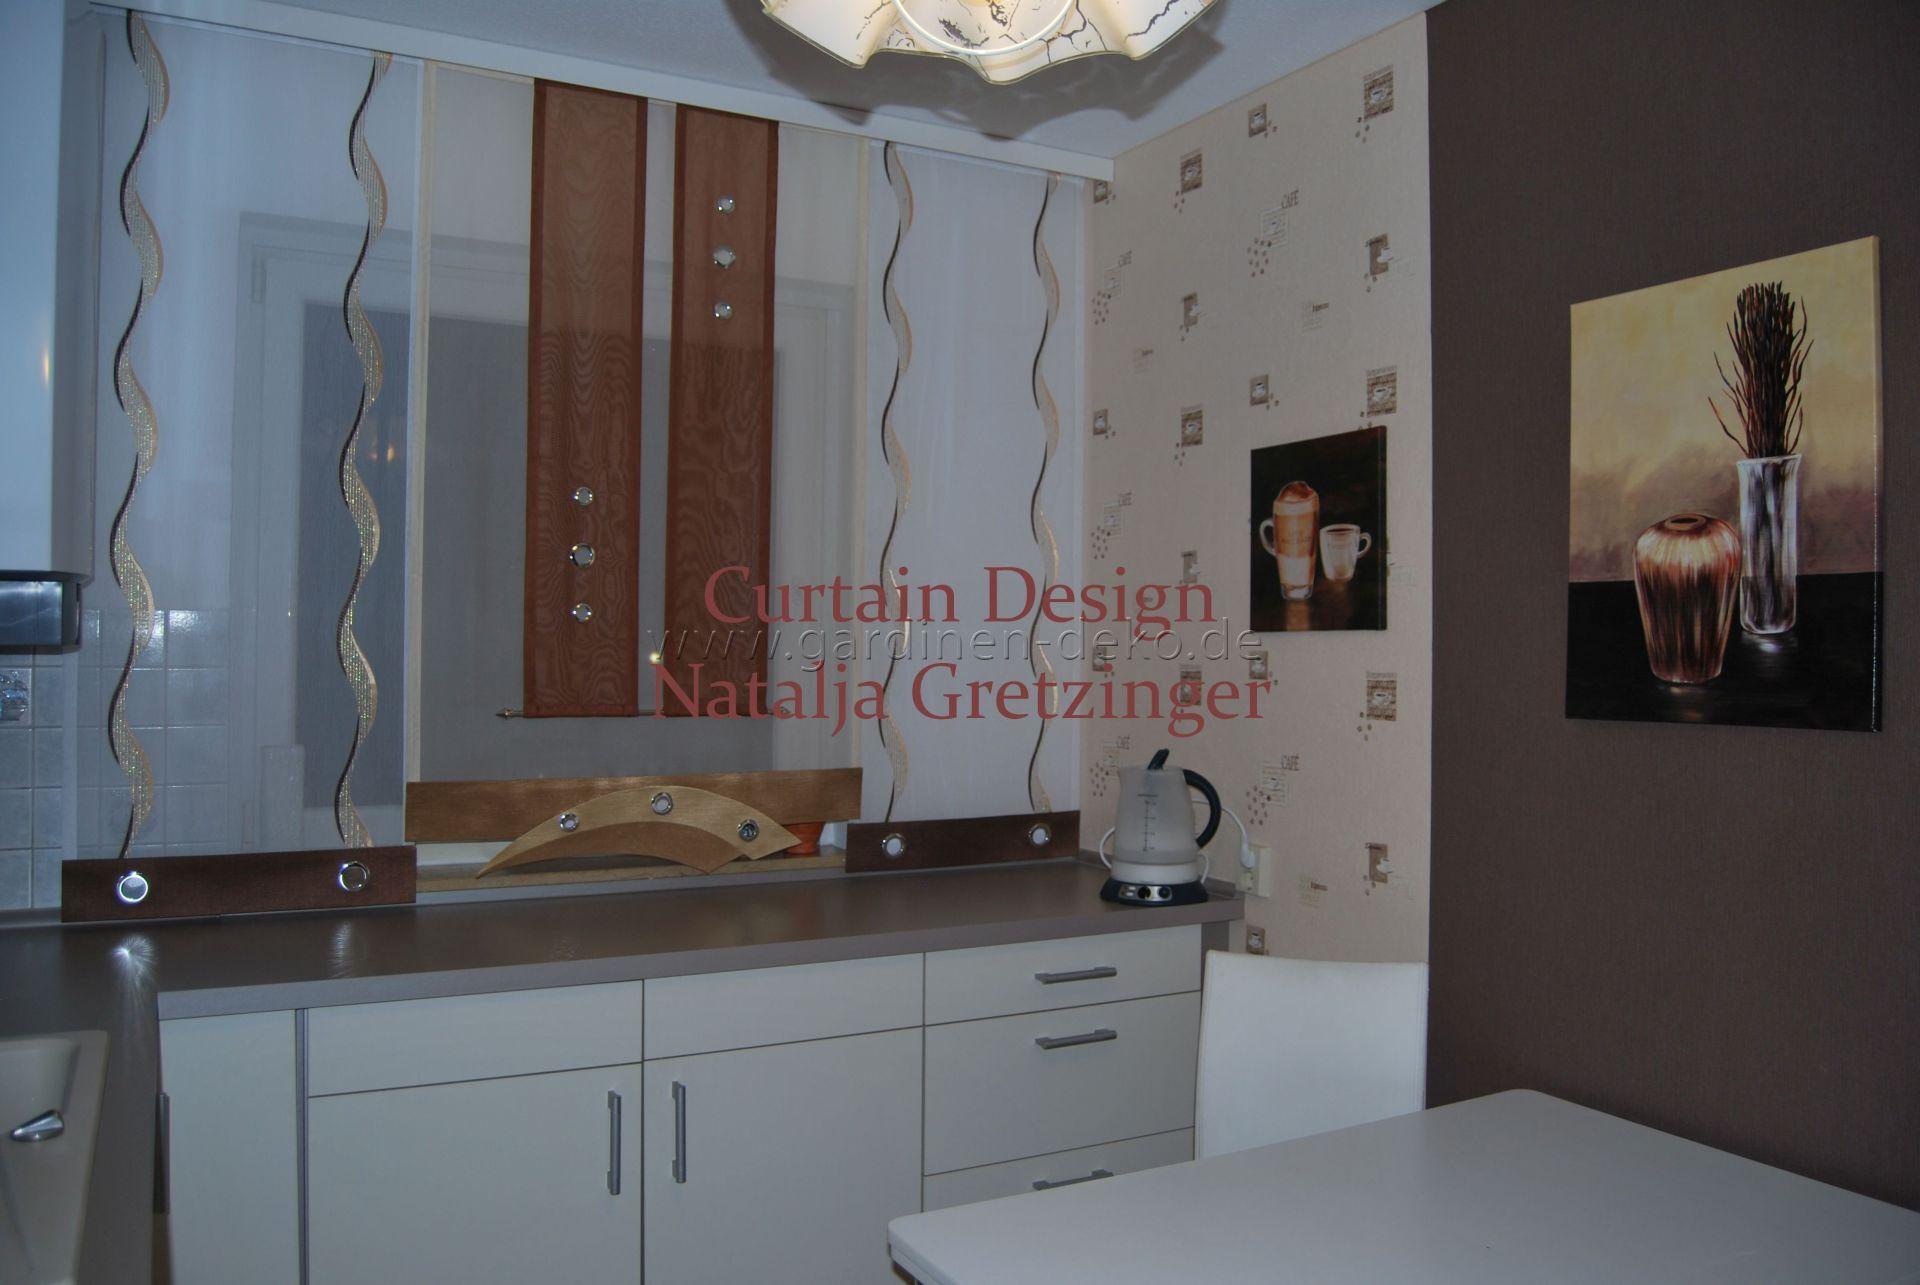 Schiebe Gardine im modernen Design für die Küche - http://www ...